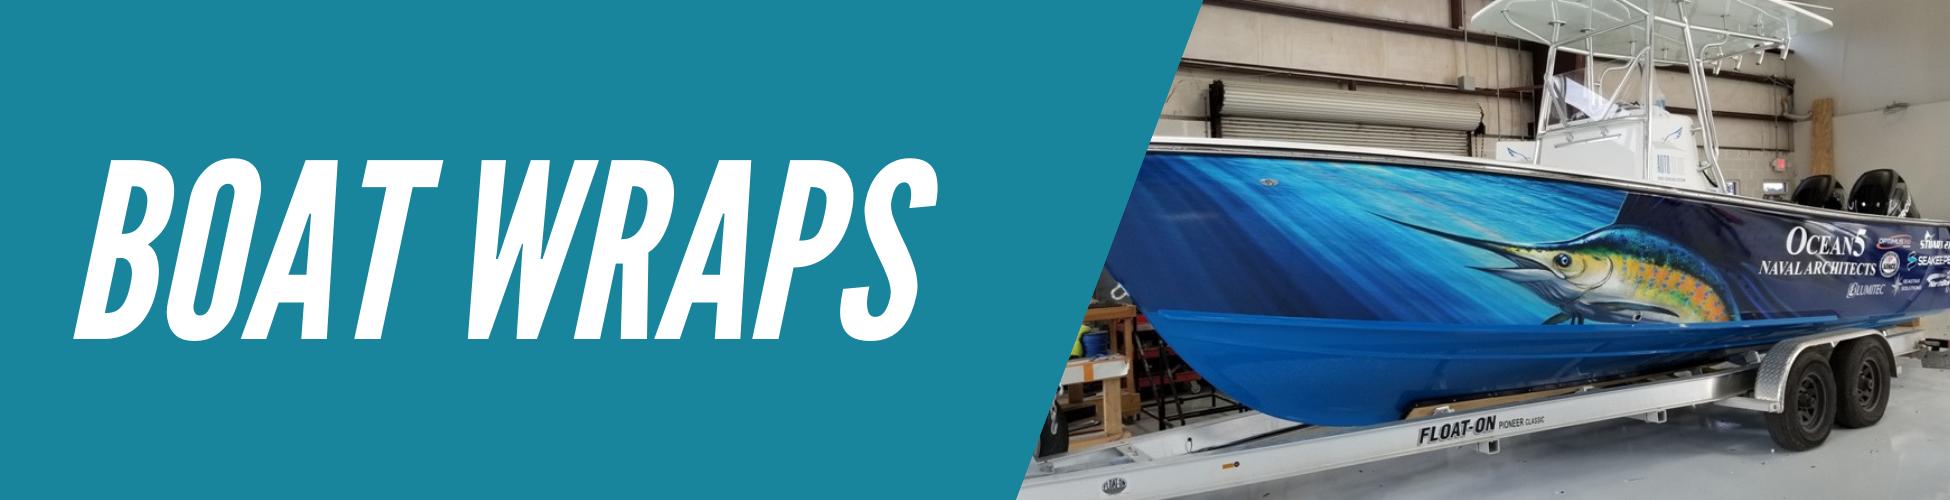 boat-wraps-banner-v3.png